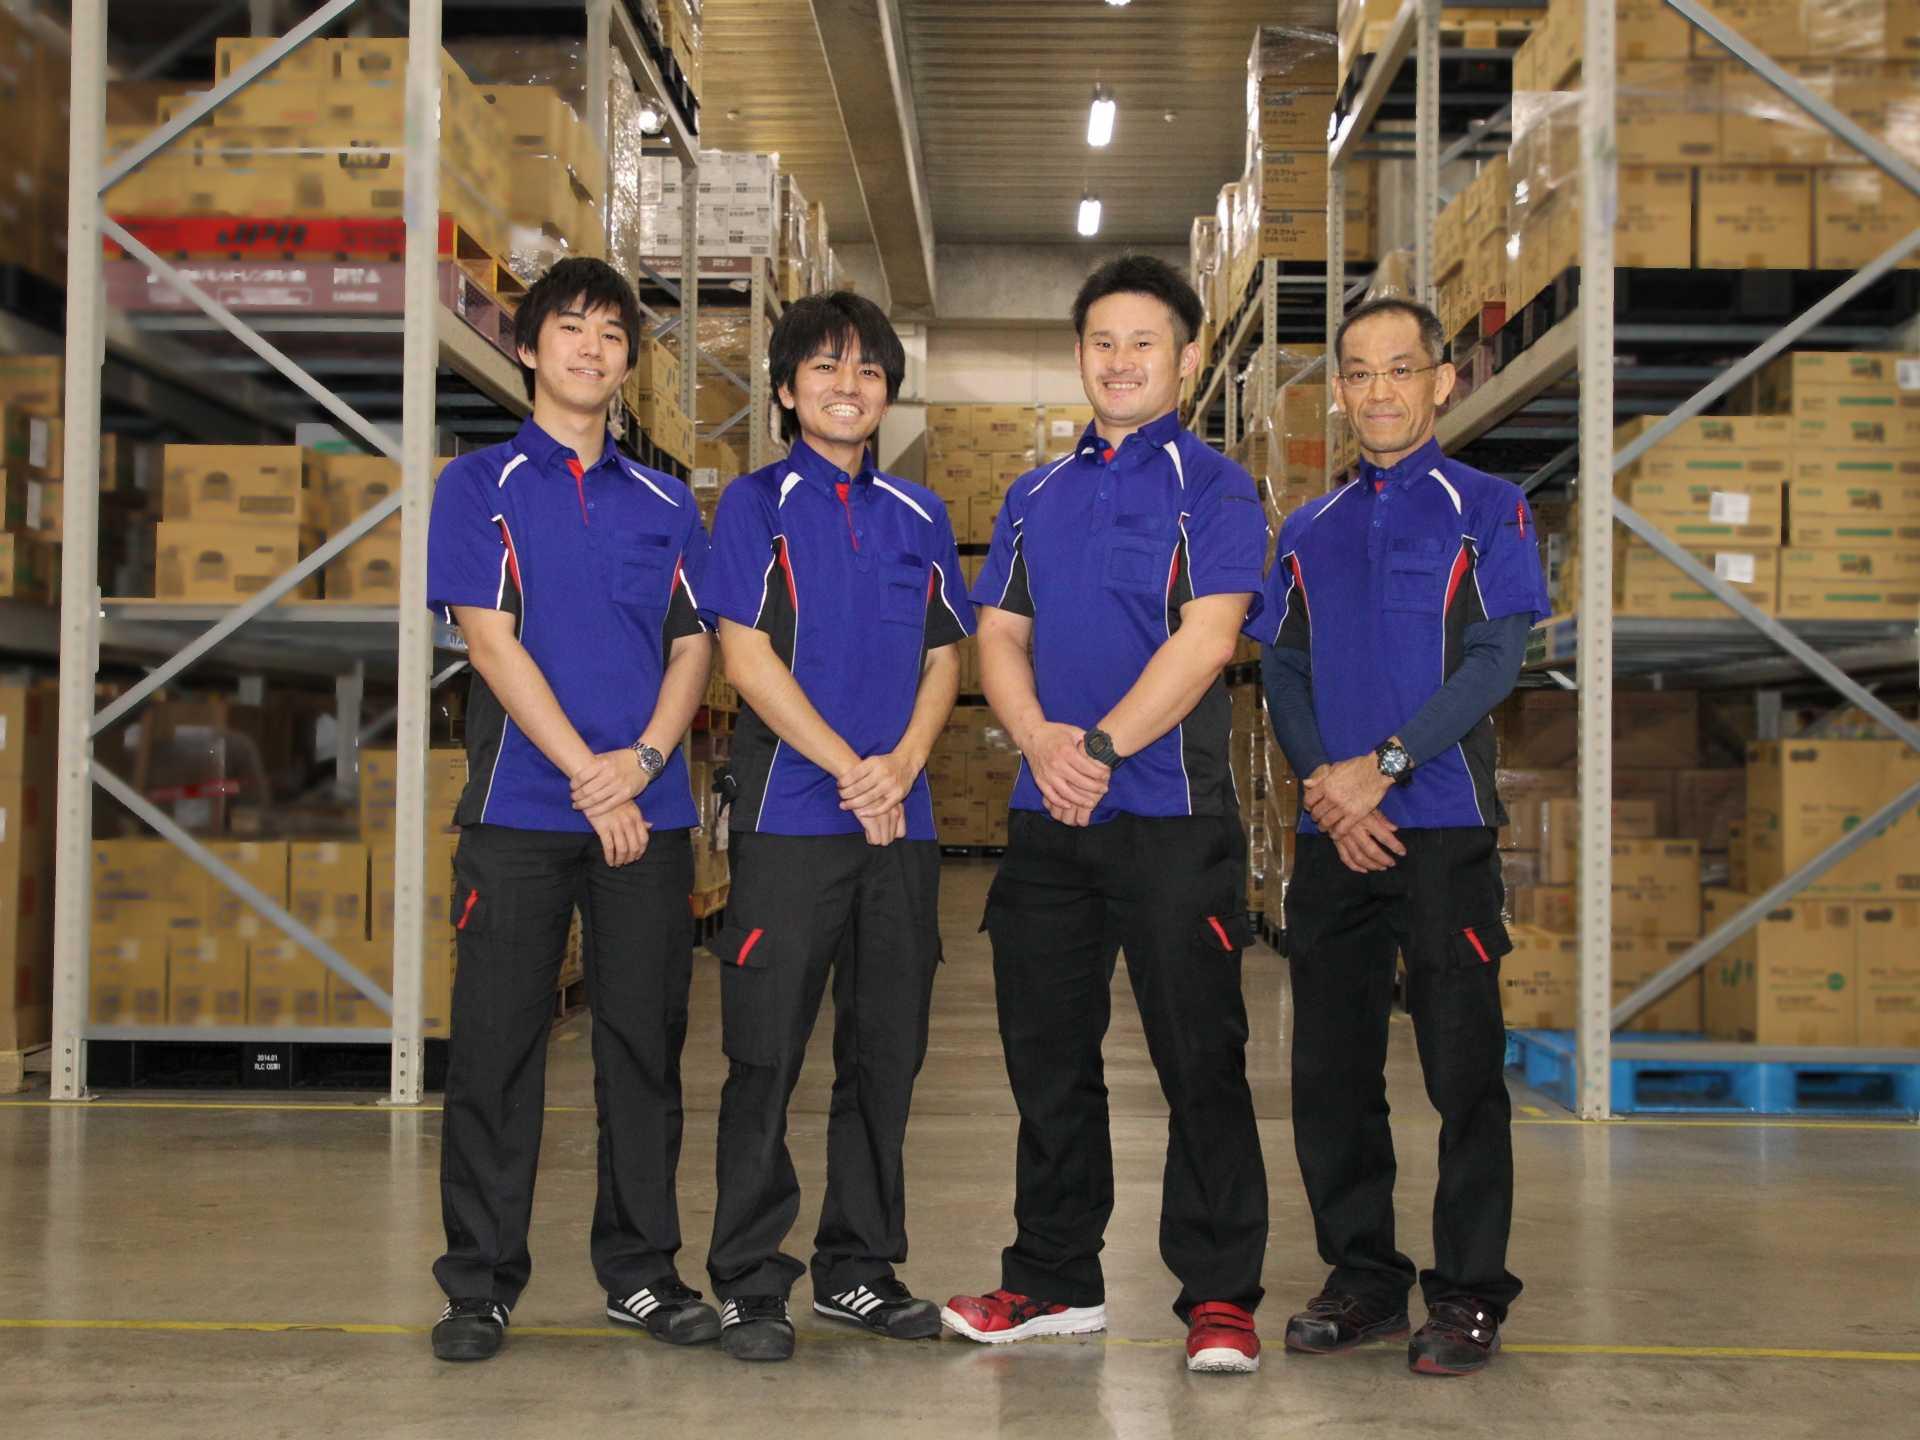 幅広い世代の、様々な経験を持つ多様なメンバーが働く物流センターです!